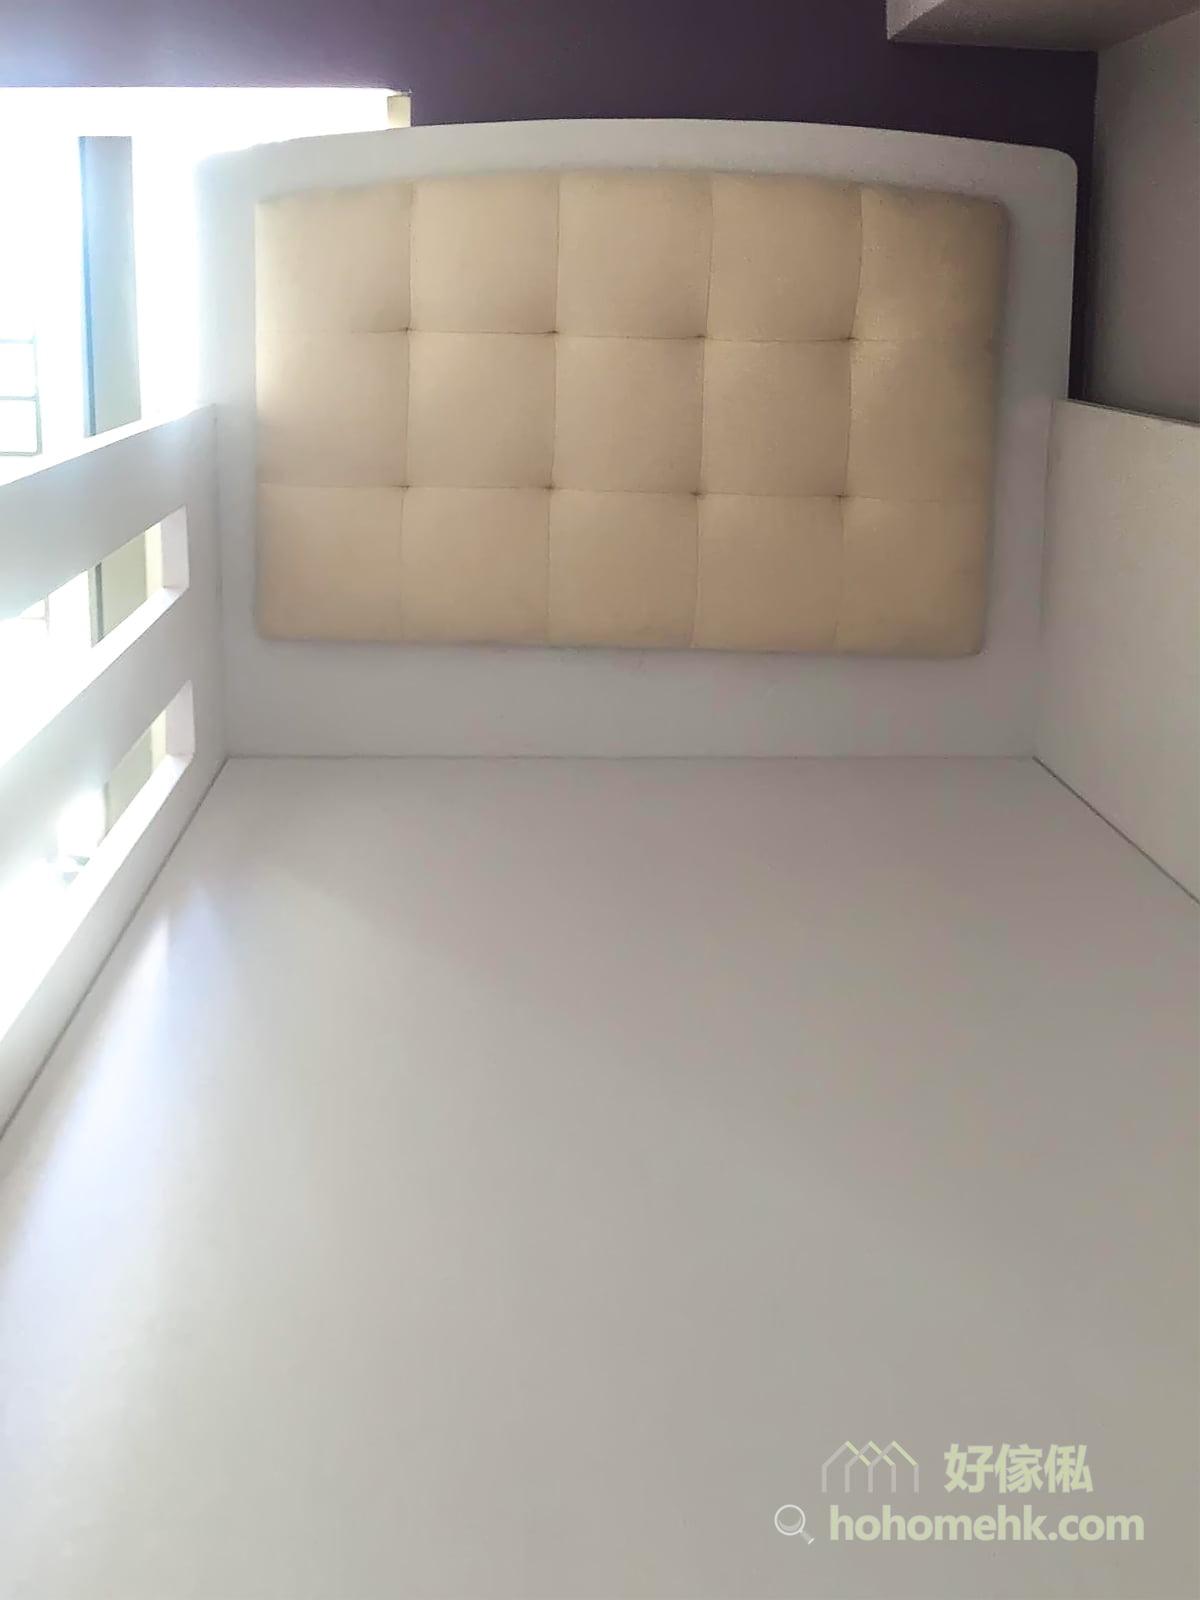 為了打造歐式公主風的睡房,上下格床均採用了米黃色的鈕扣式方格紋床頭軟包,有種簡約的華麗感